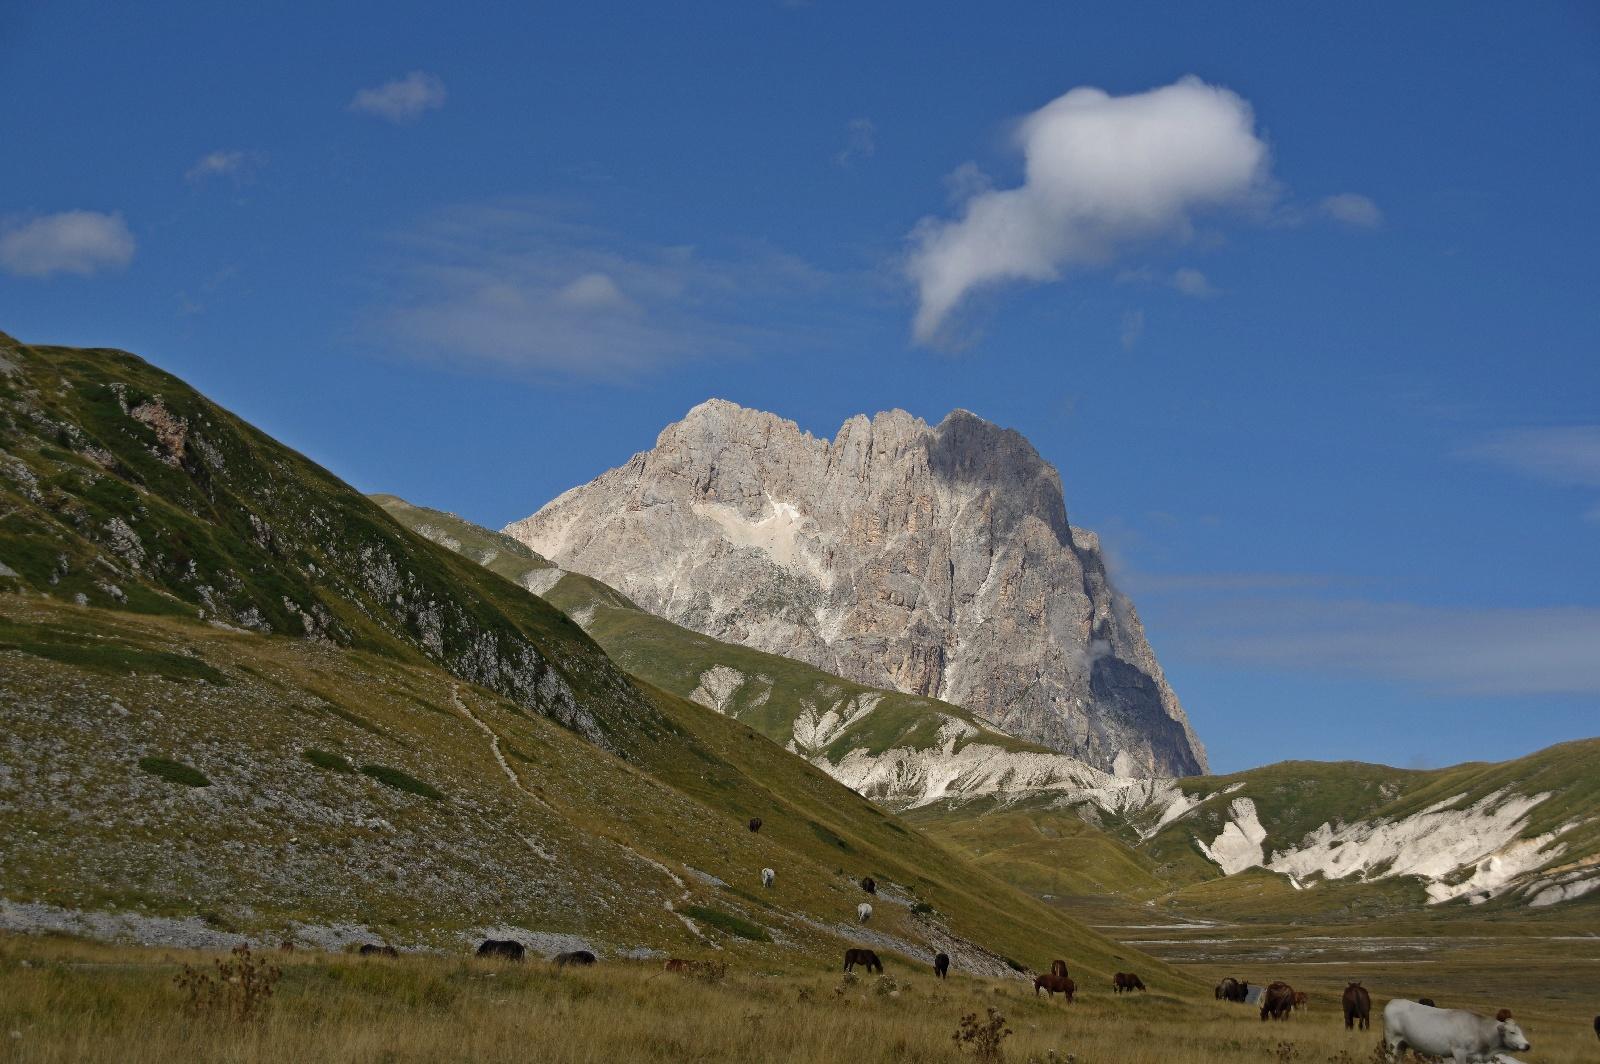 Parco Nazionale del Gran Sasso:Campo Imperatore...